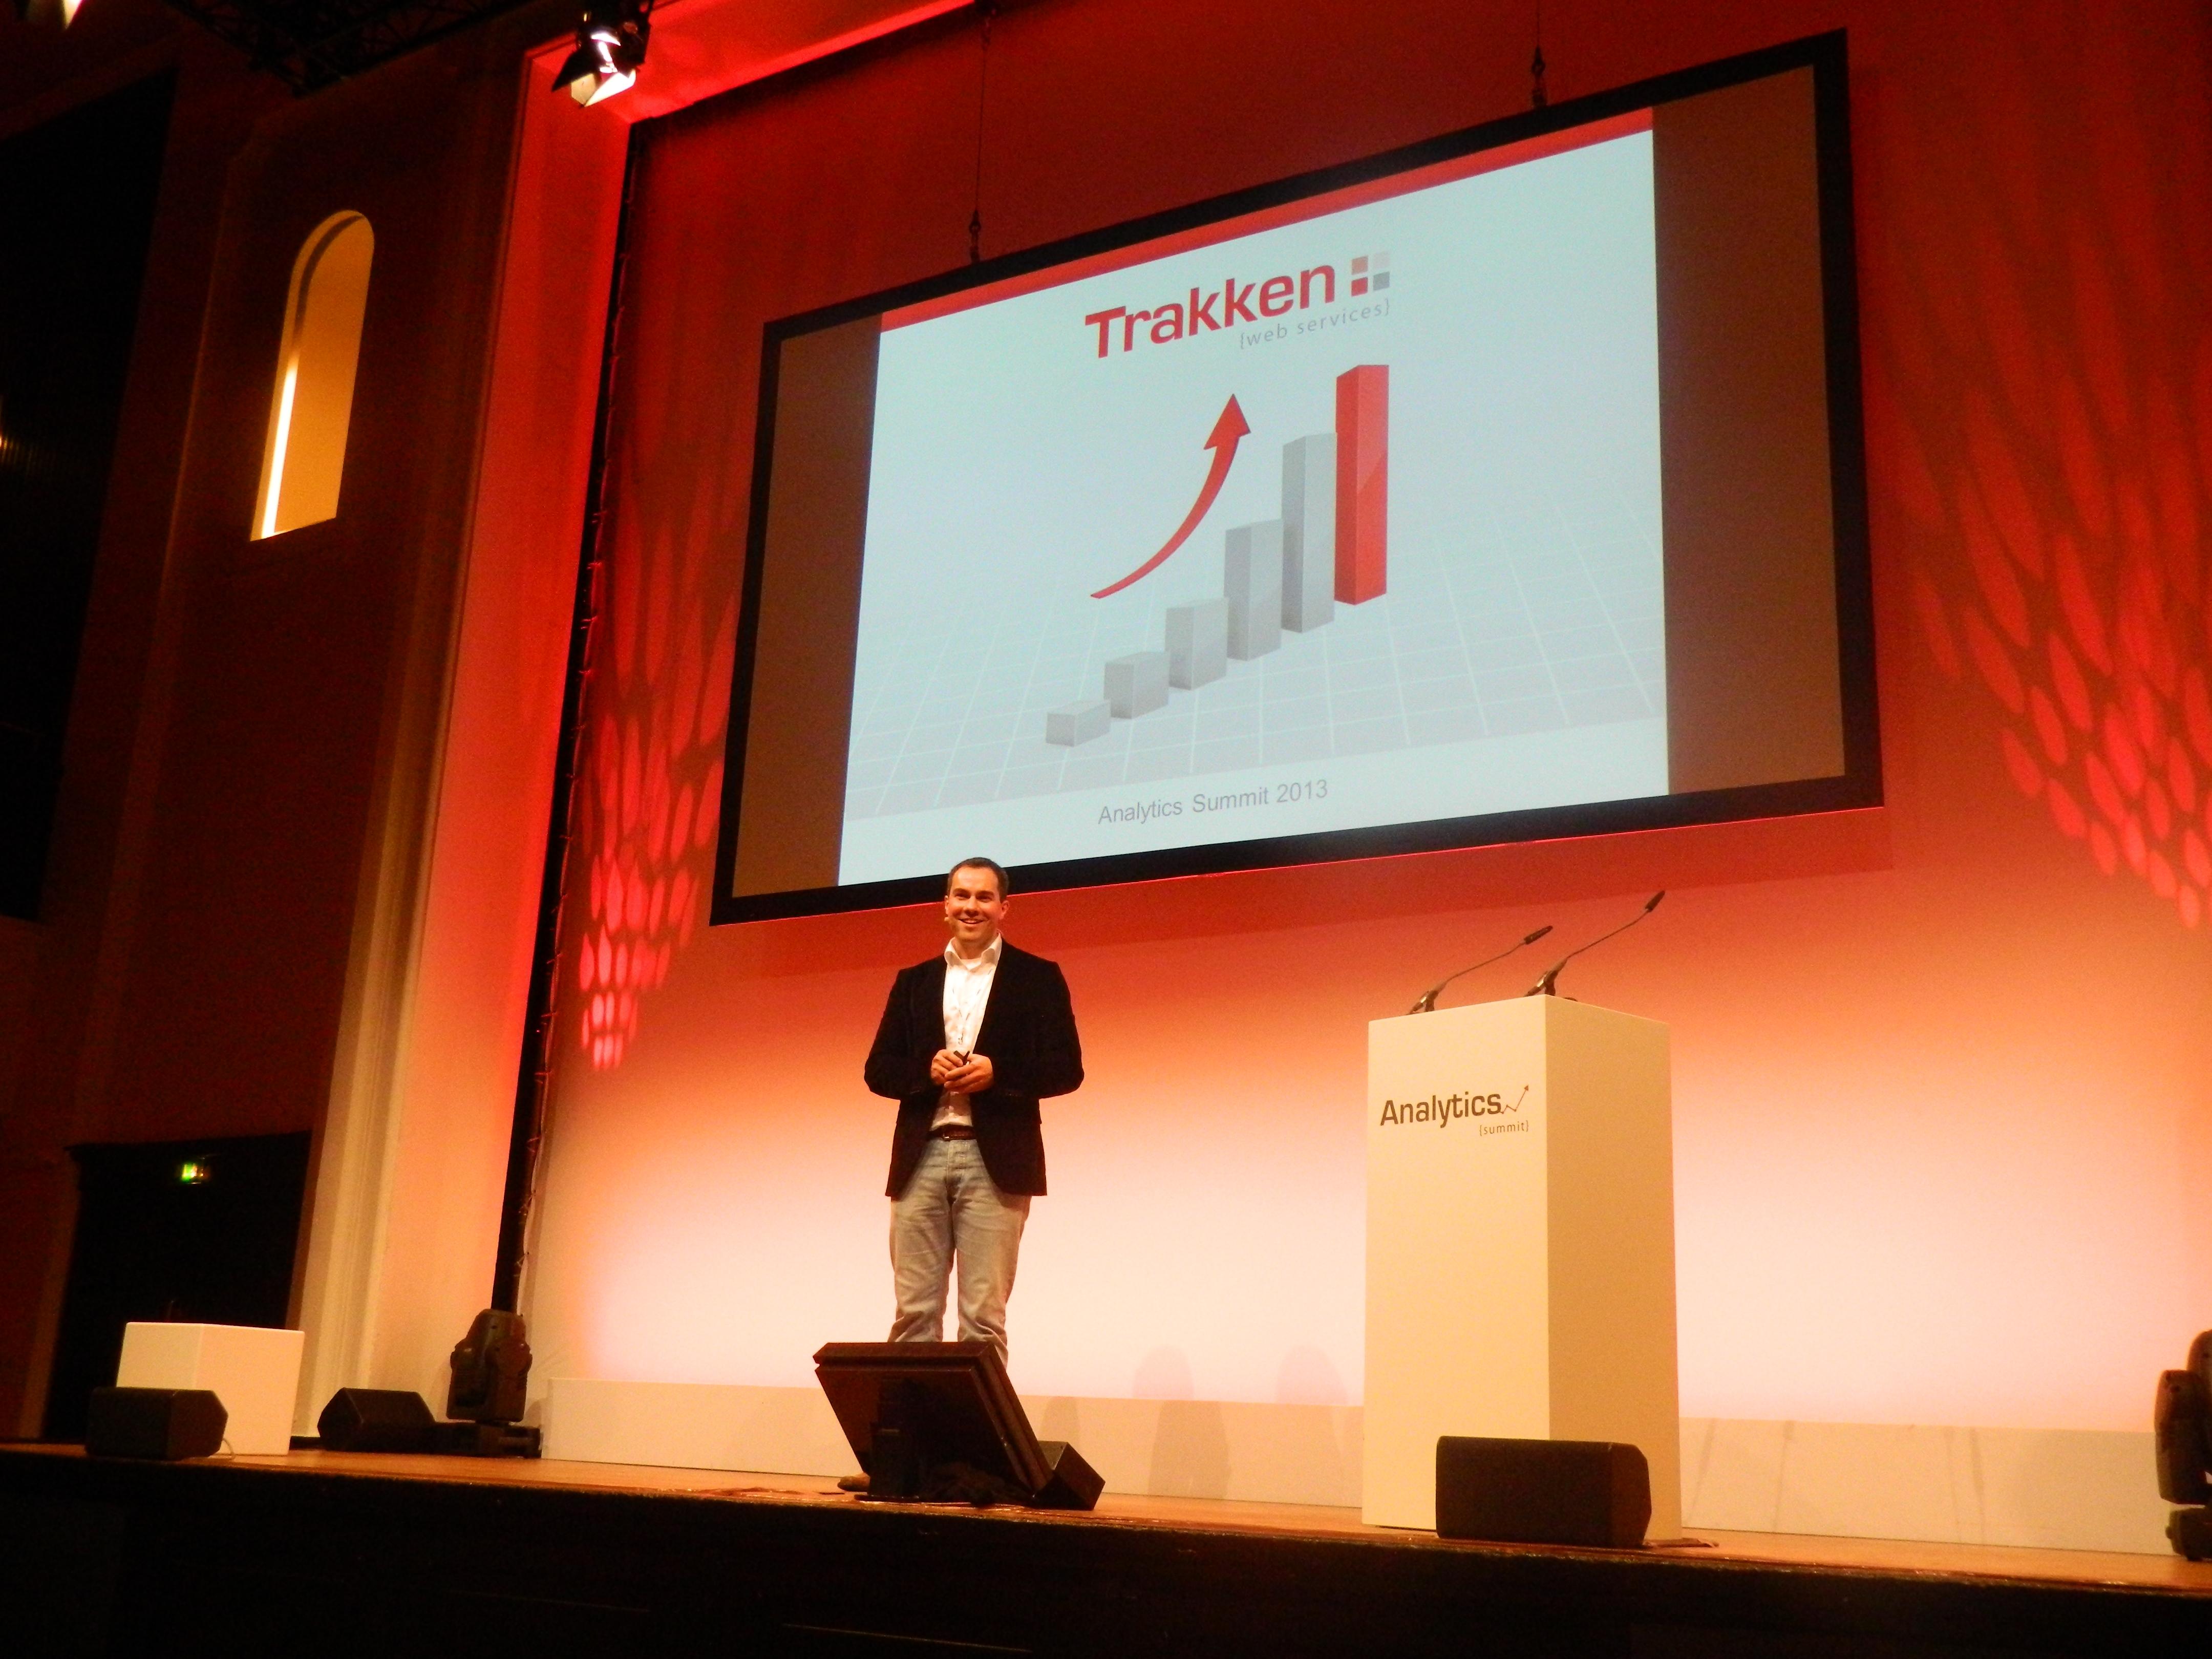 Lennart Paulsen bei seinem Vortrag zum Thema KPIs